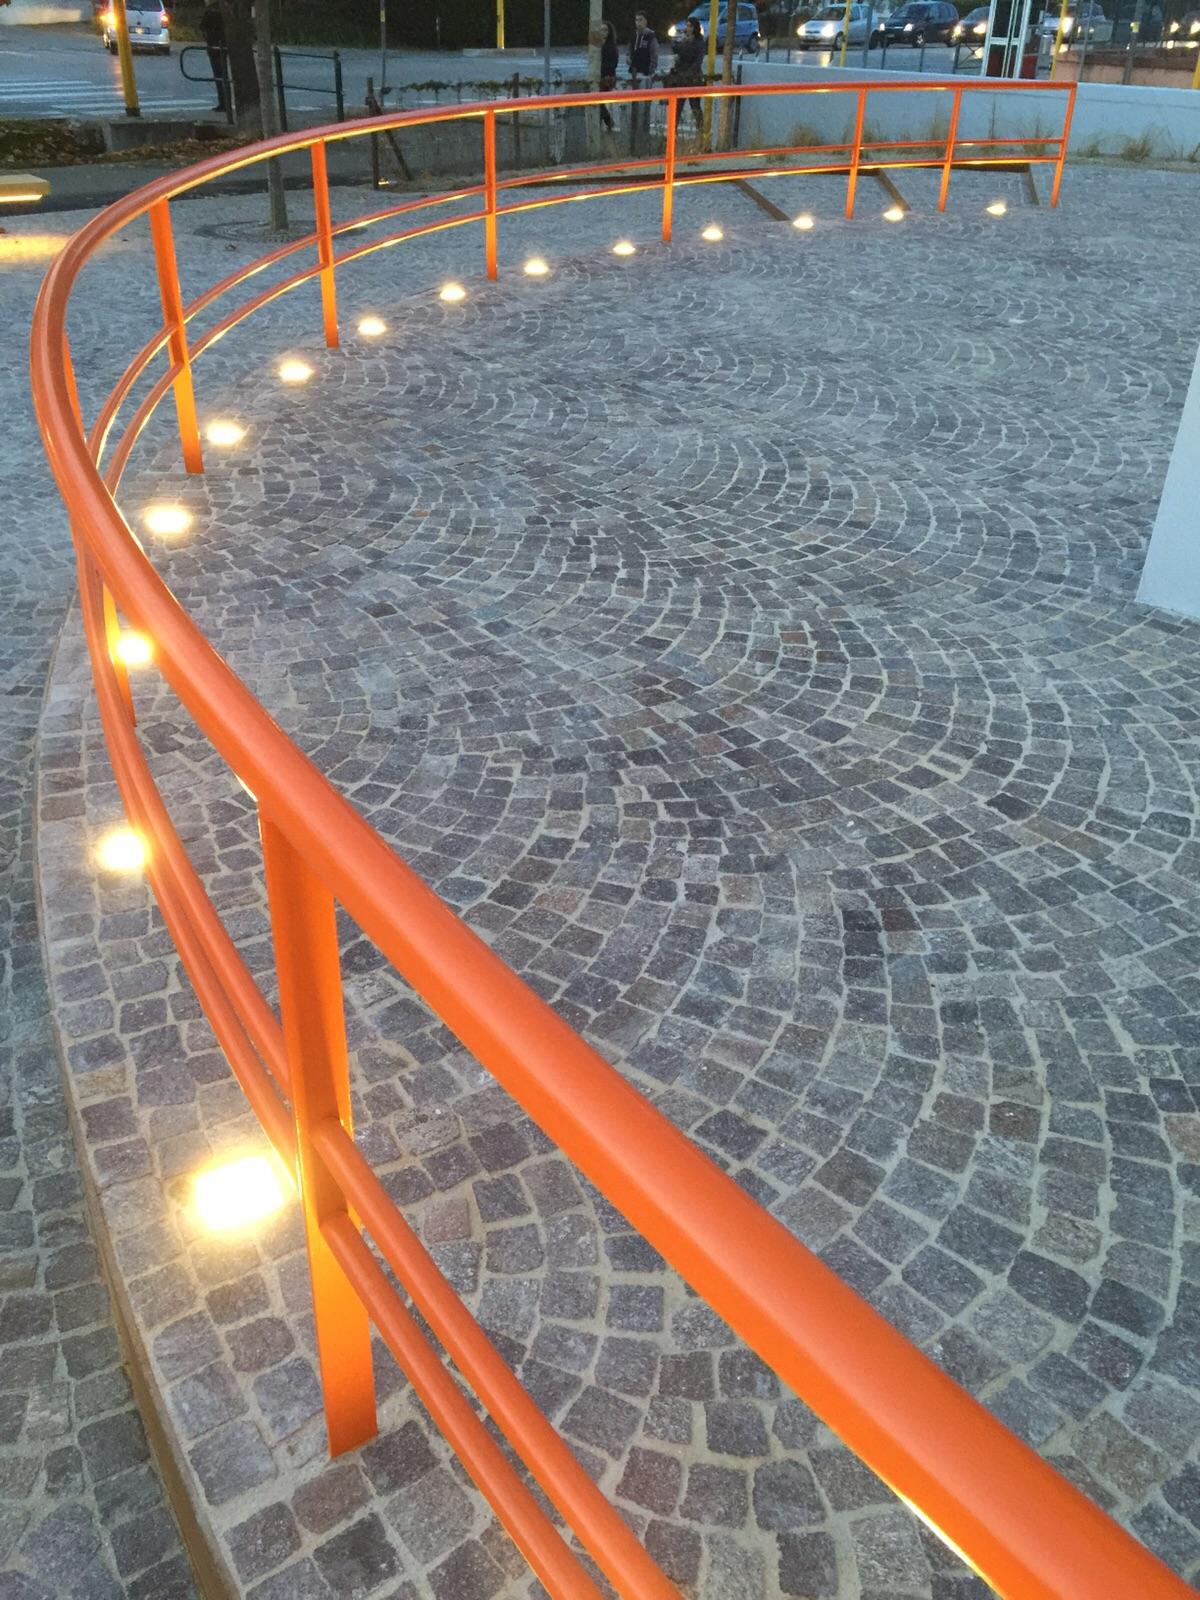 Teatro_Alcuni_terrazzamento_luci